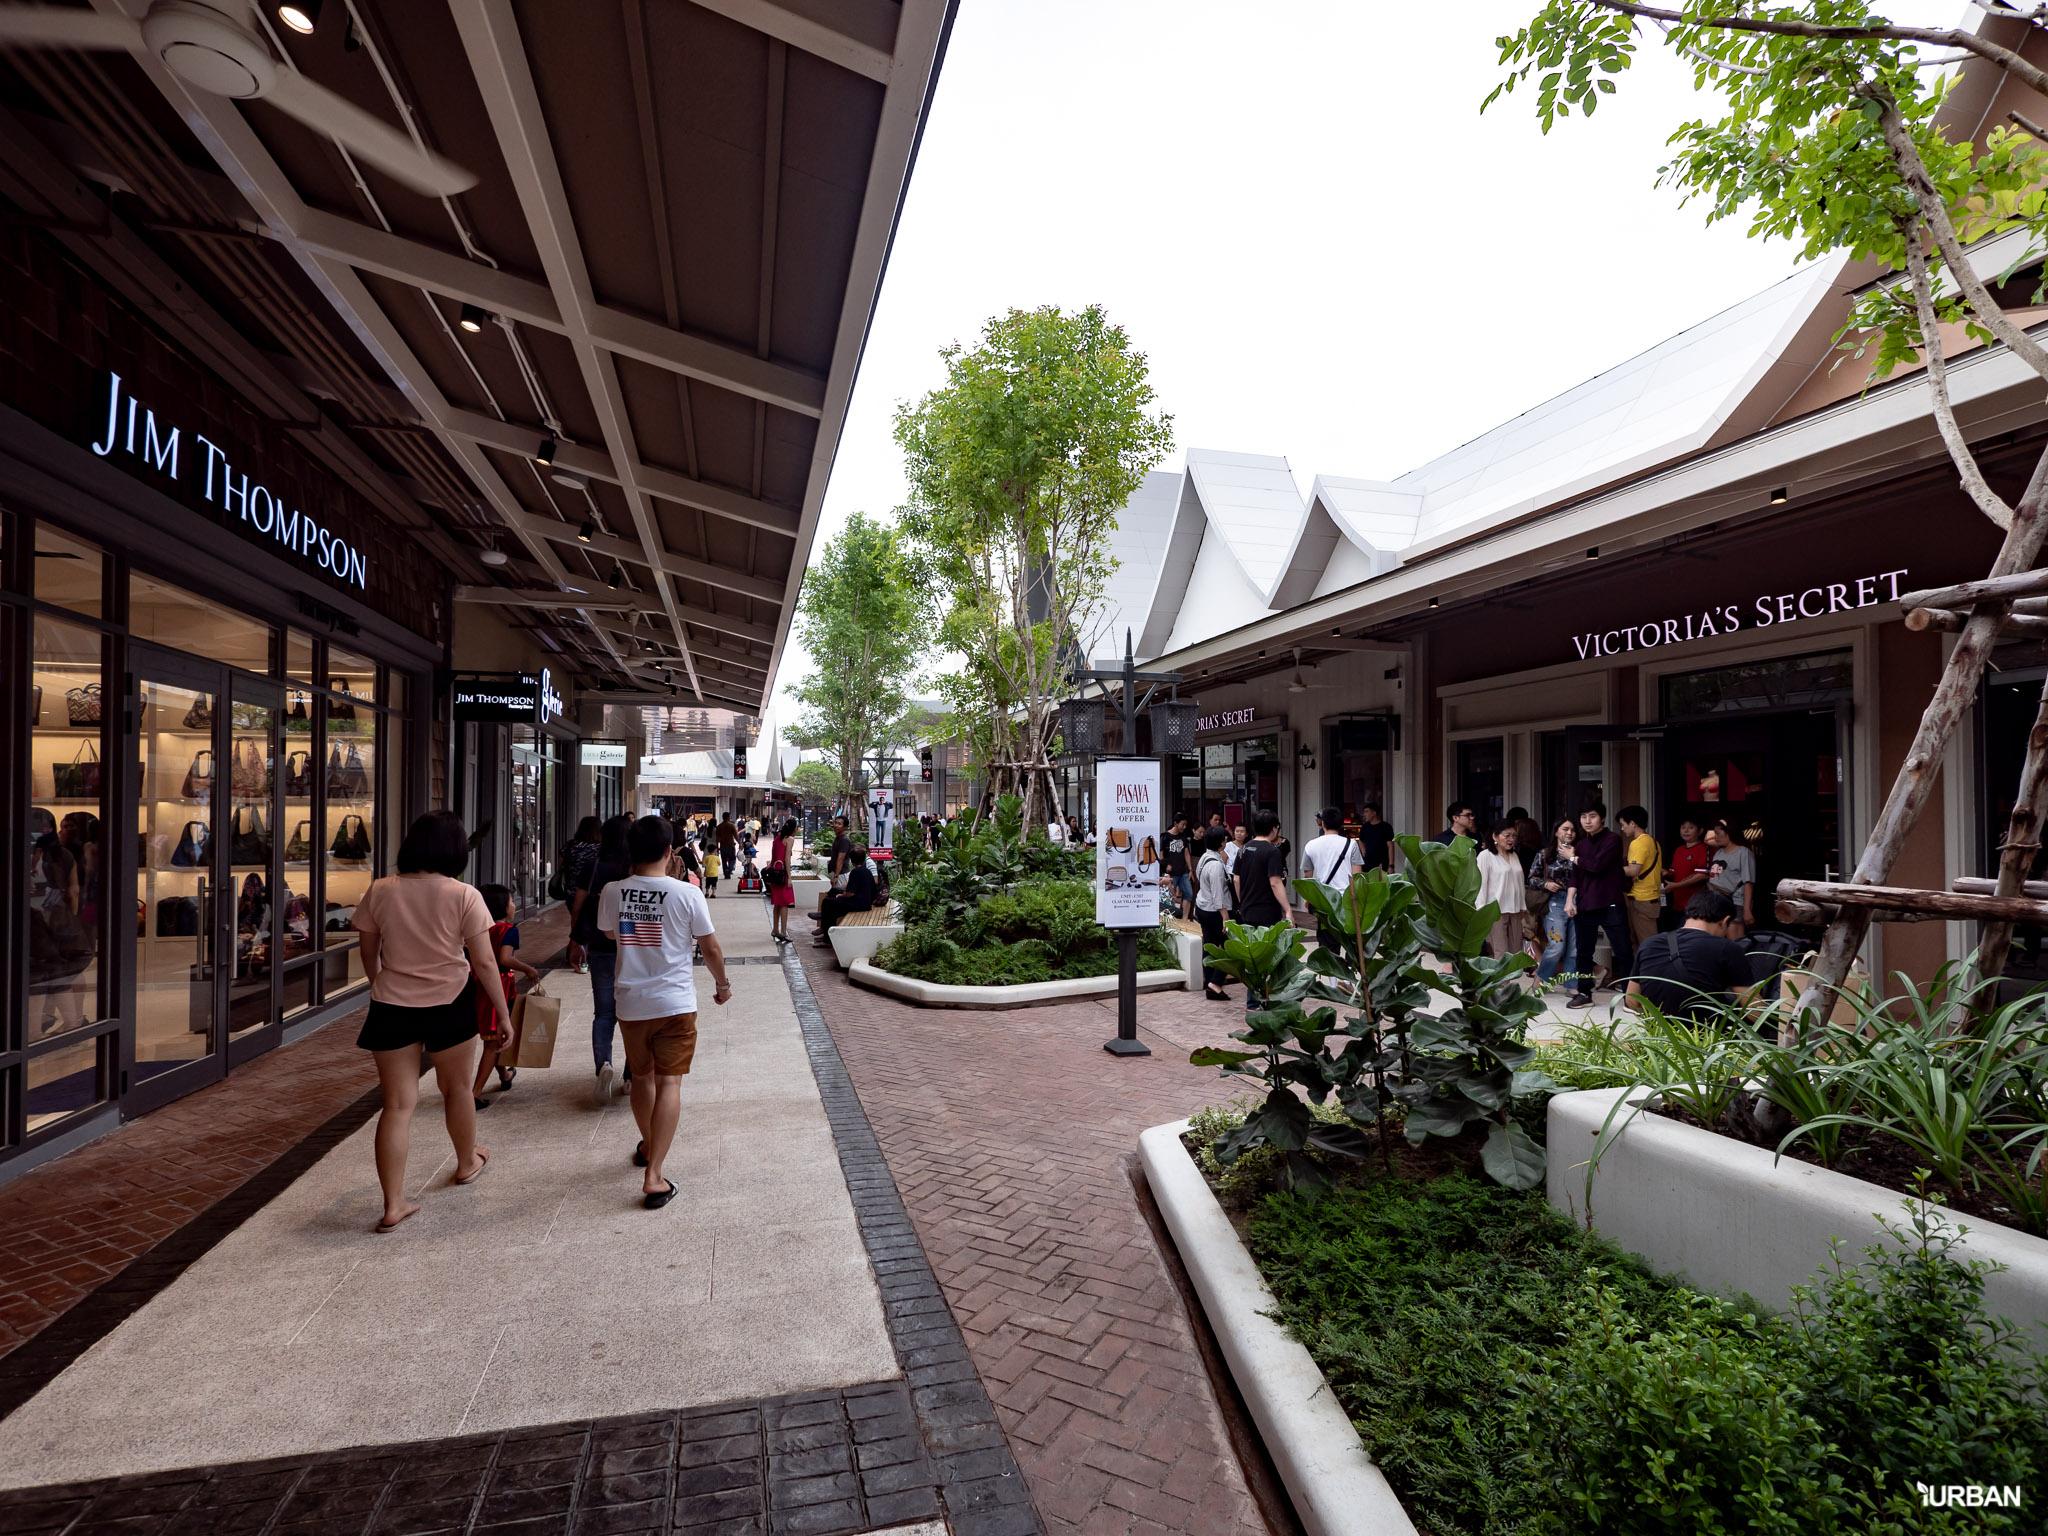 14 เรื่องของ Central Village โปรเจคใหม่ Luxury Outlet แห่งแรกของไทยที่คุณควรรู้ #พร้อมภาพวันเปิดตัว 58 - Central